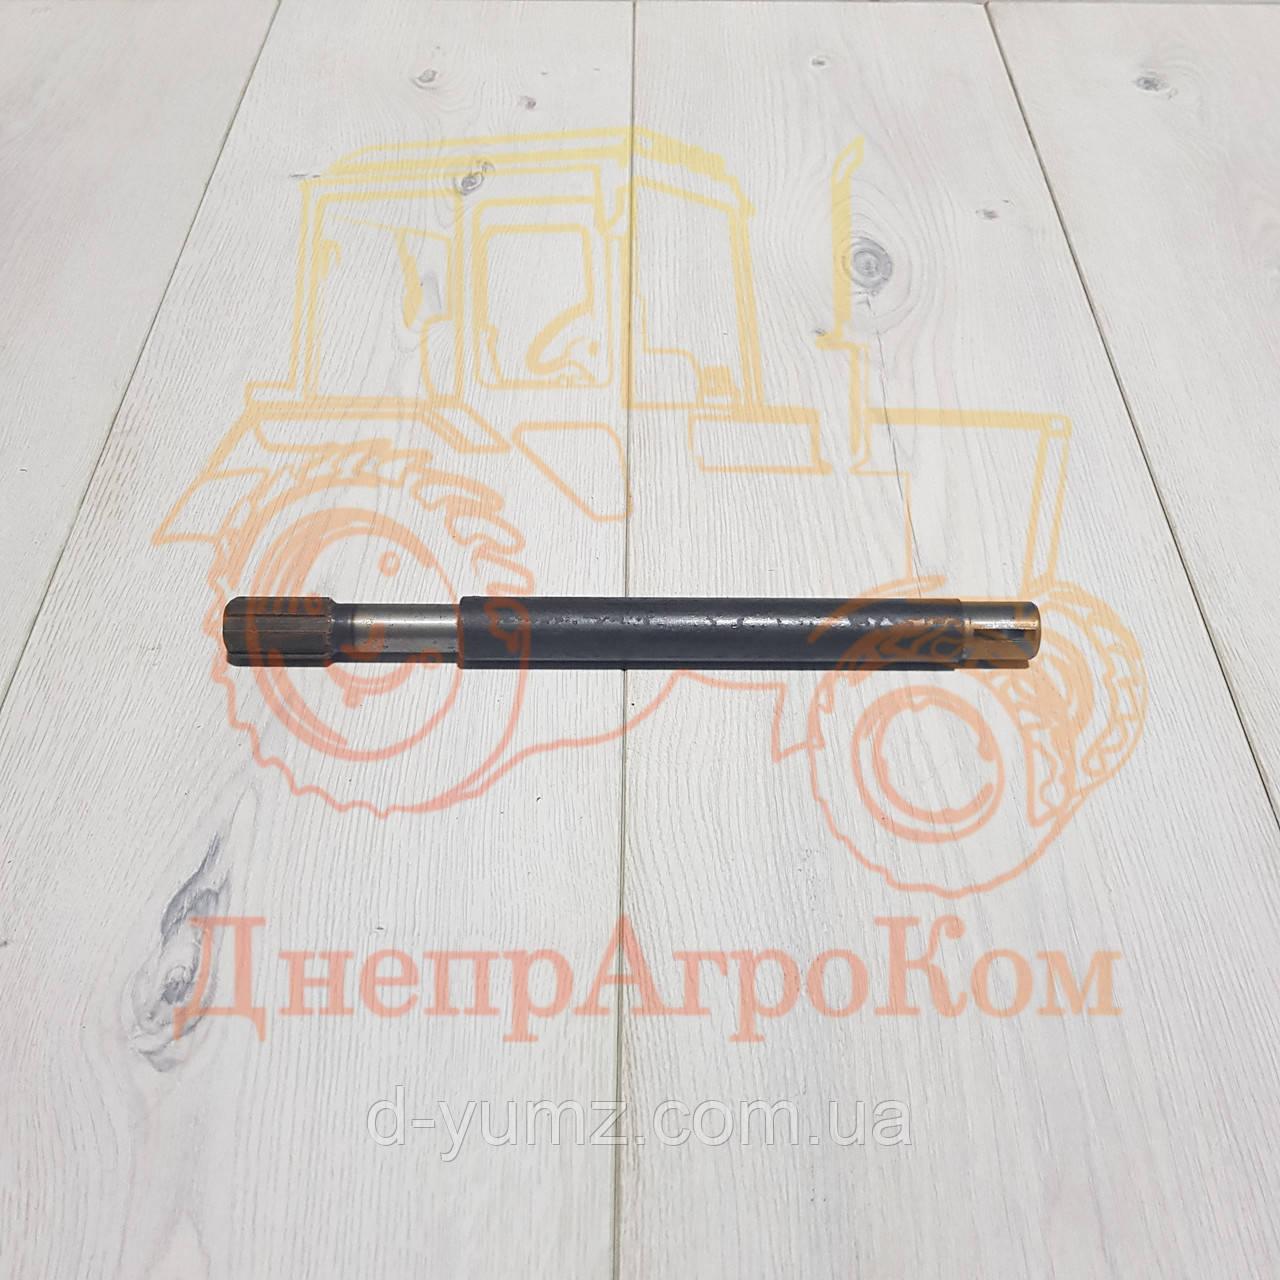 Вал рулевого управления ЮМЗ | короткий | 45Т-3401021 Г